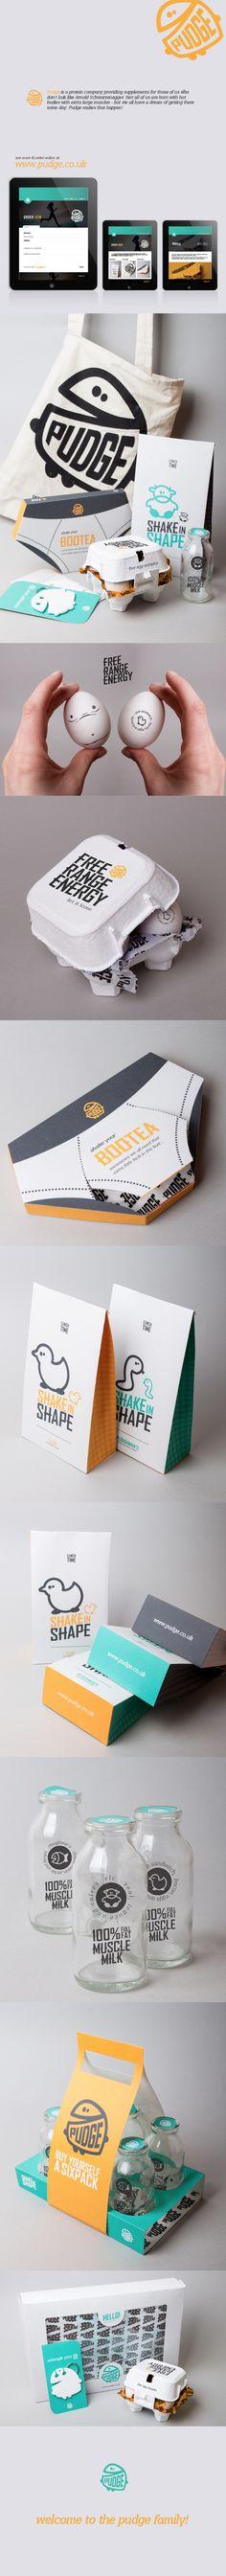 Genial #imagen #corporativa y #packaging para Pudge Protein muy #creativo ;-)